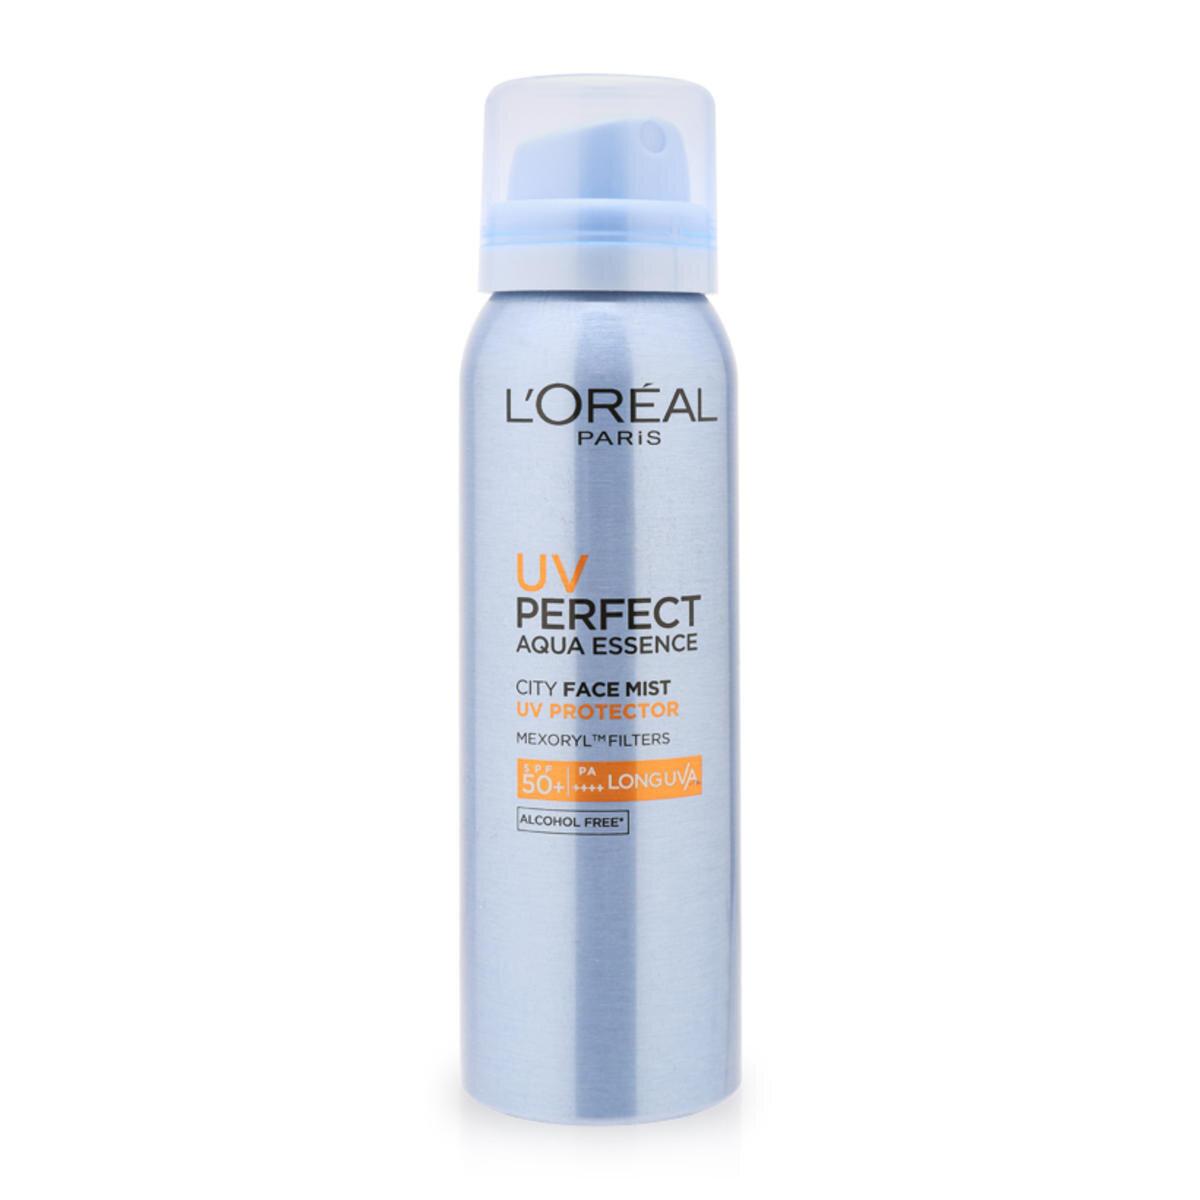 Xịt chống nắng tăng cường bảo vệ da L'Oreal UV Perfect Aqua Essence City Face Mist SPF50+/PA++++ 64g